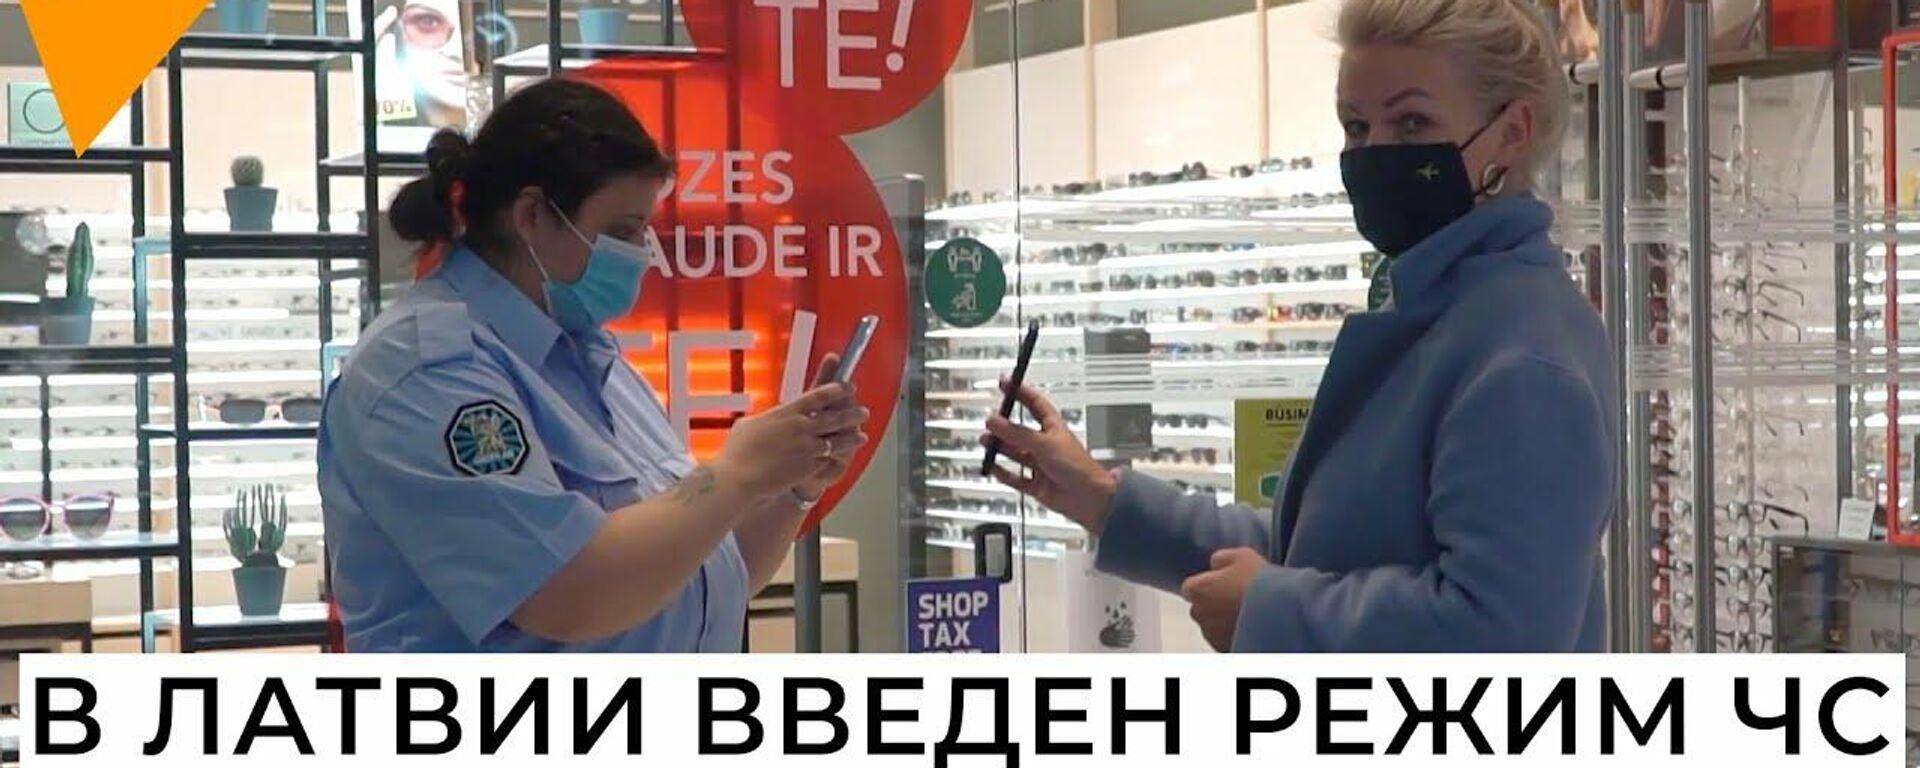 QR-коды и очереди в магазины: в Латвии вступил в силу режим ЧС - Sputnik Латвия, 1920, 13.10.2021